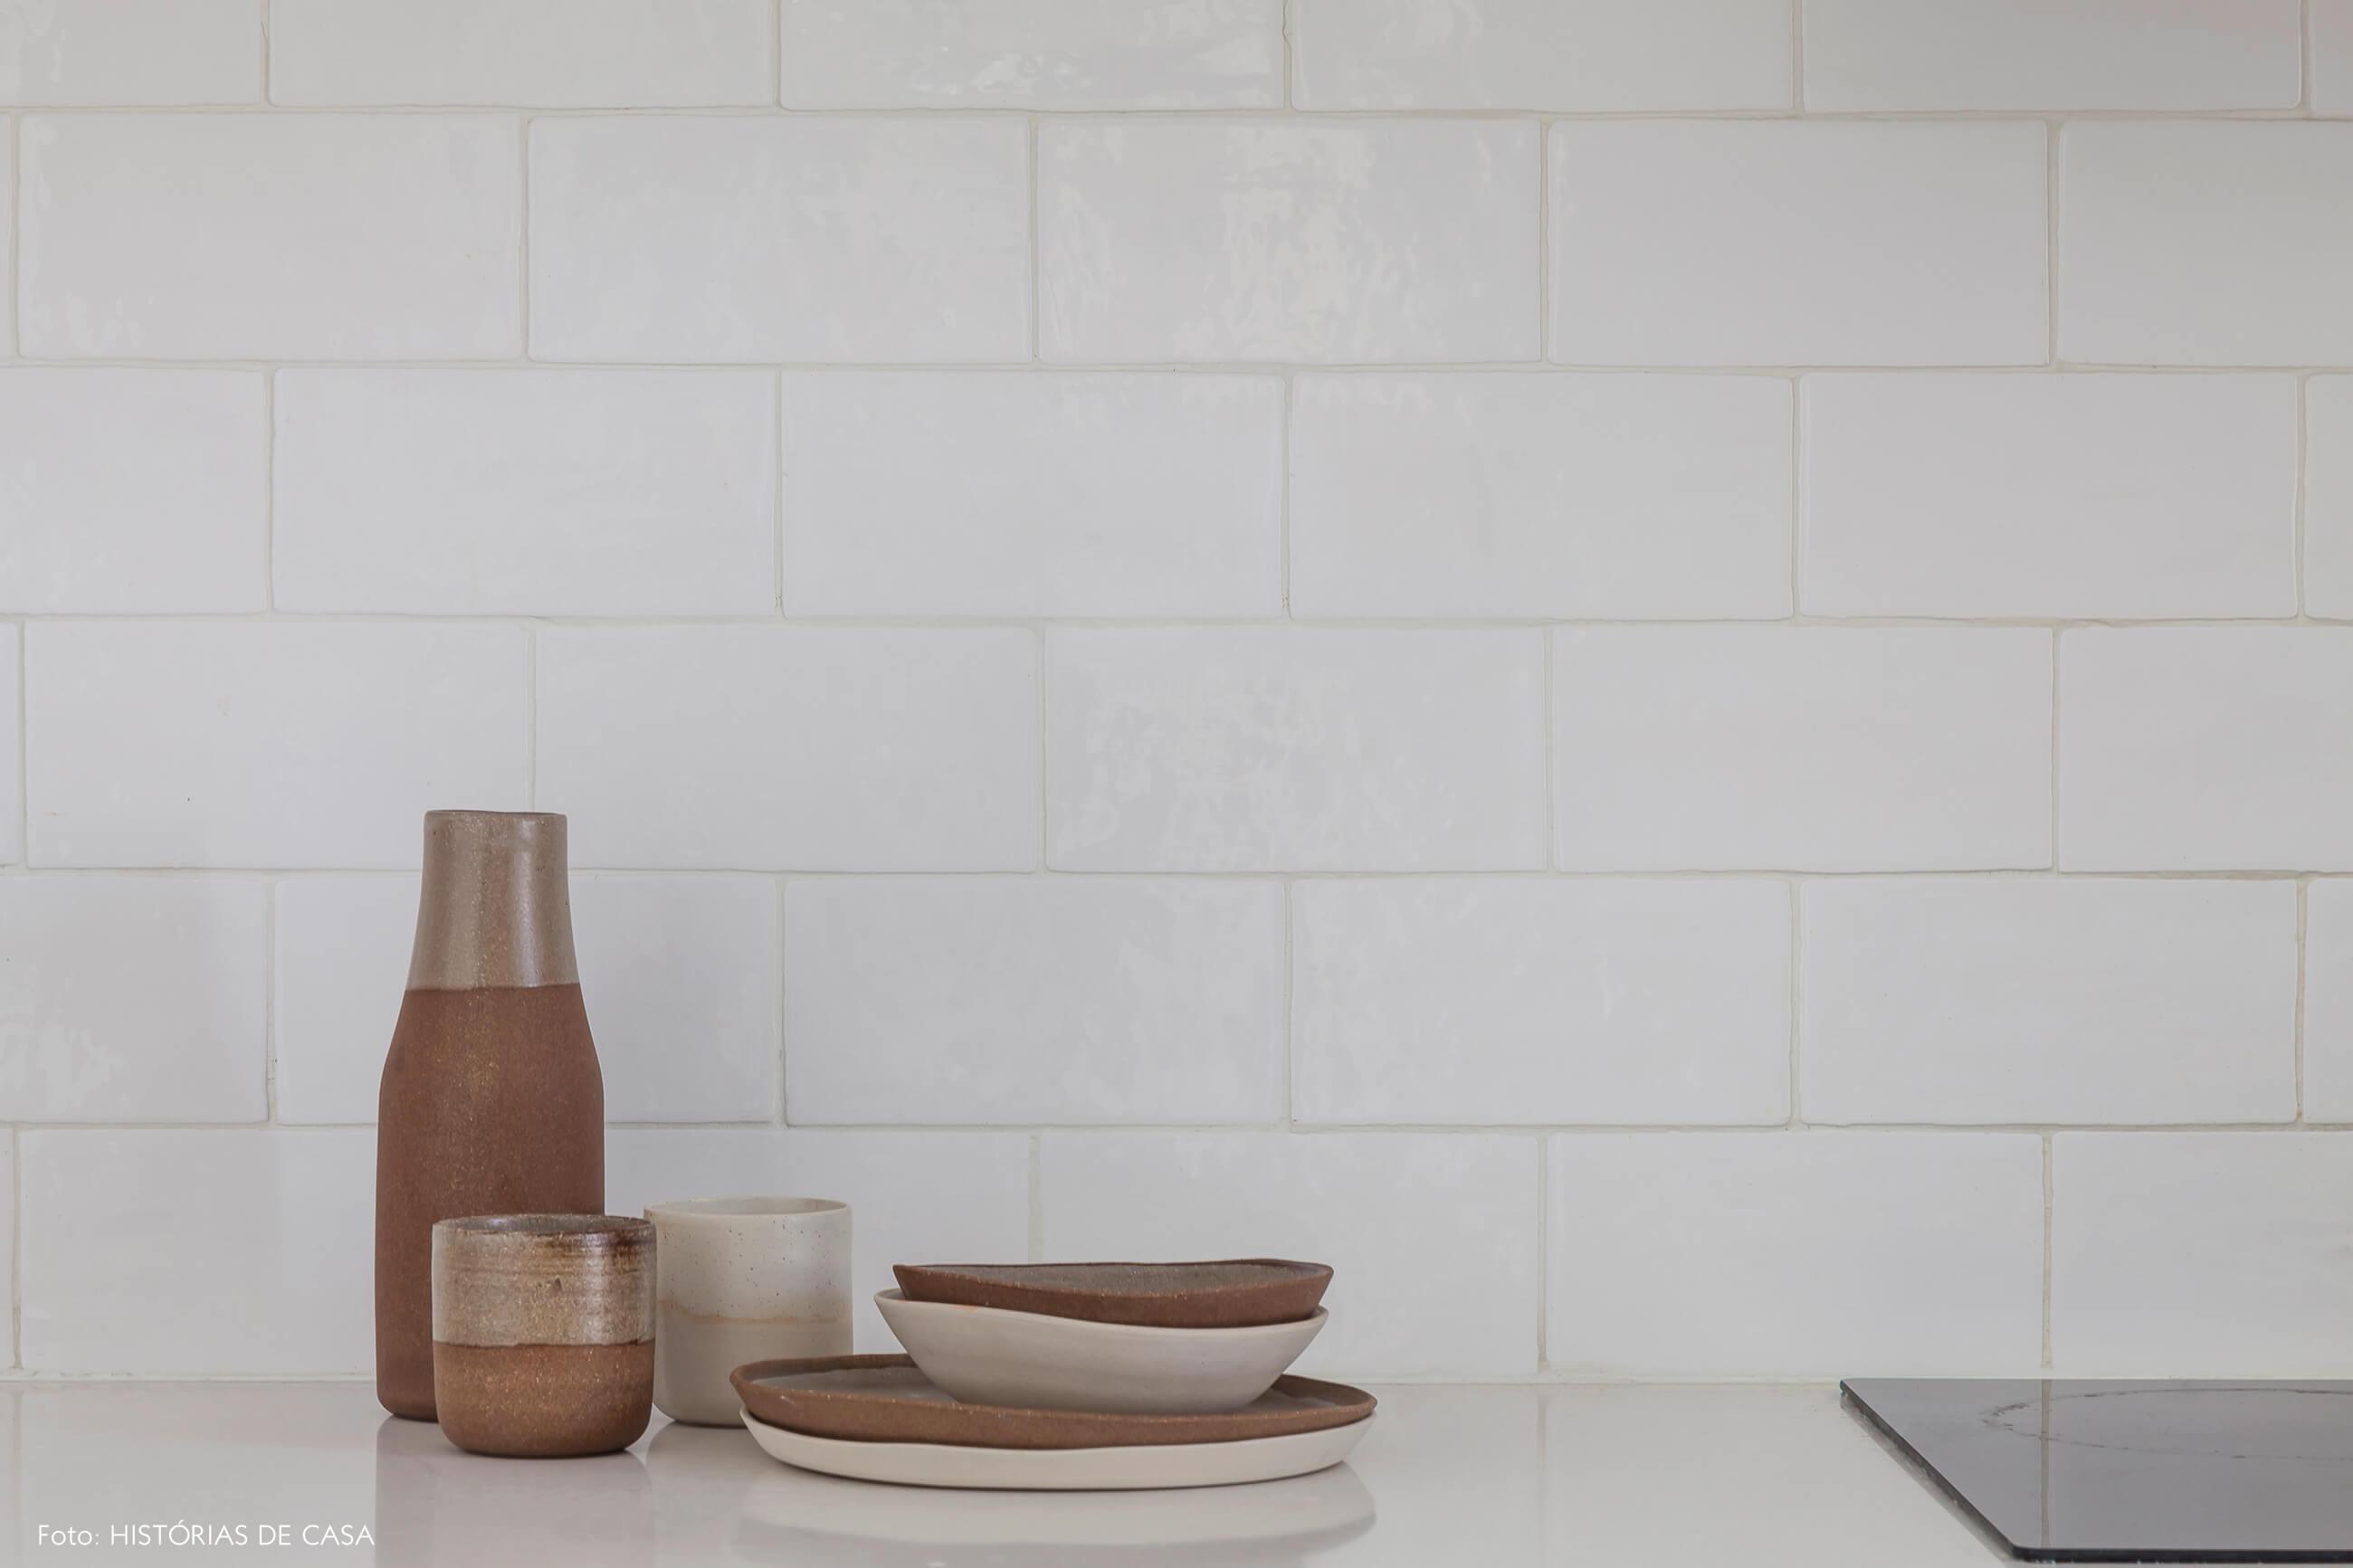 Parede com azulejos rústicos e peças de cerâmica